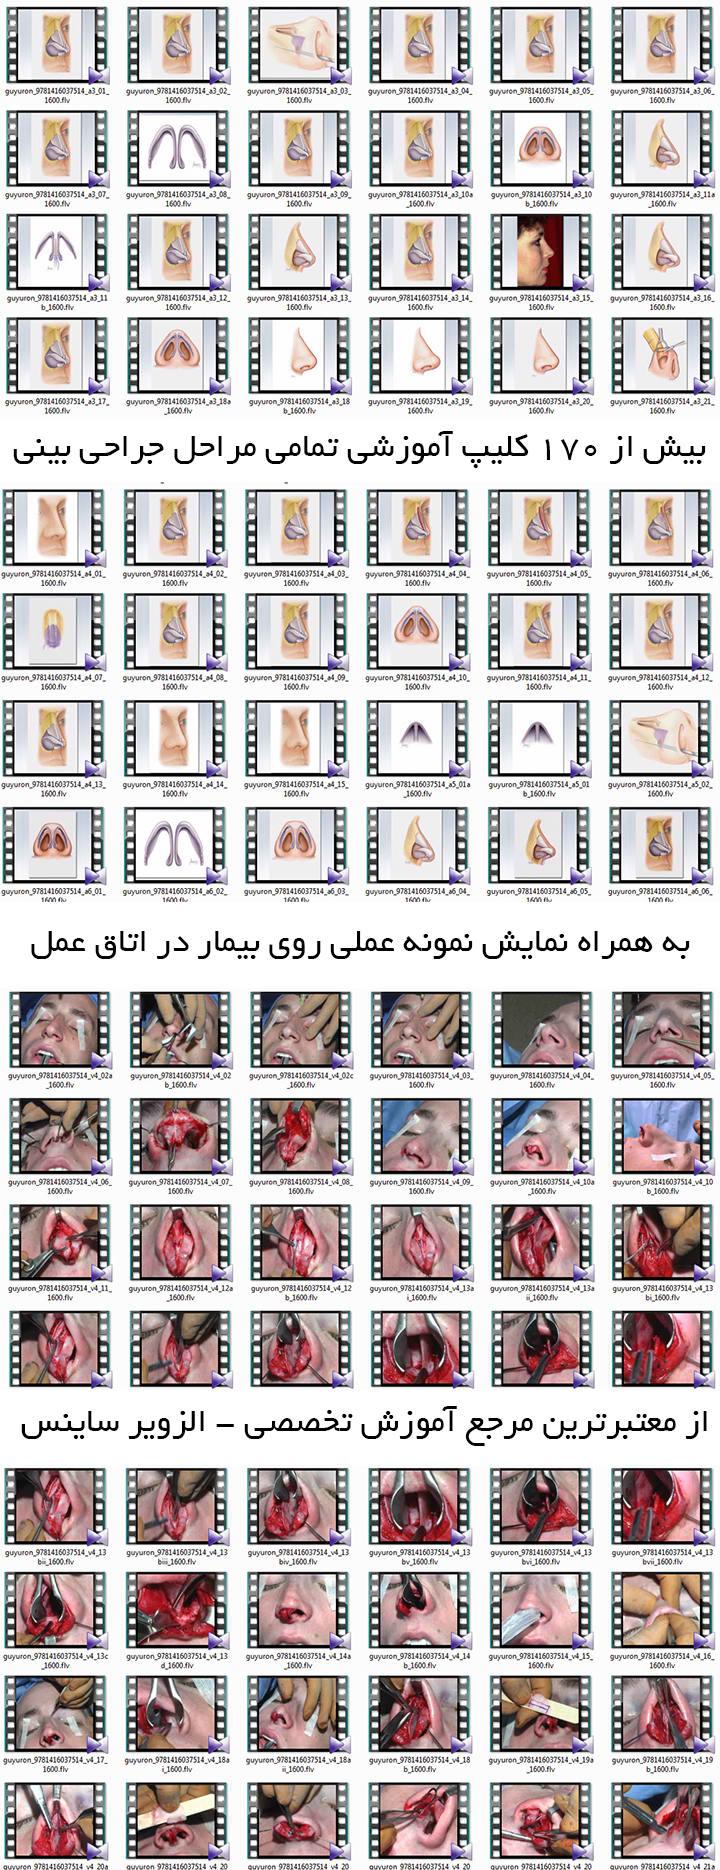 آموزش جدیدترین متدهای جراحی بینی